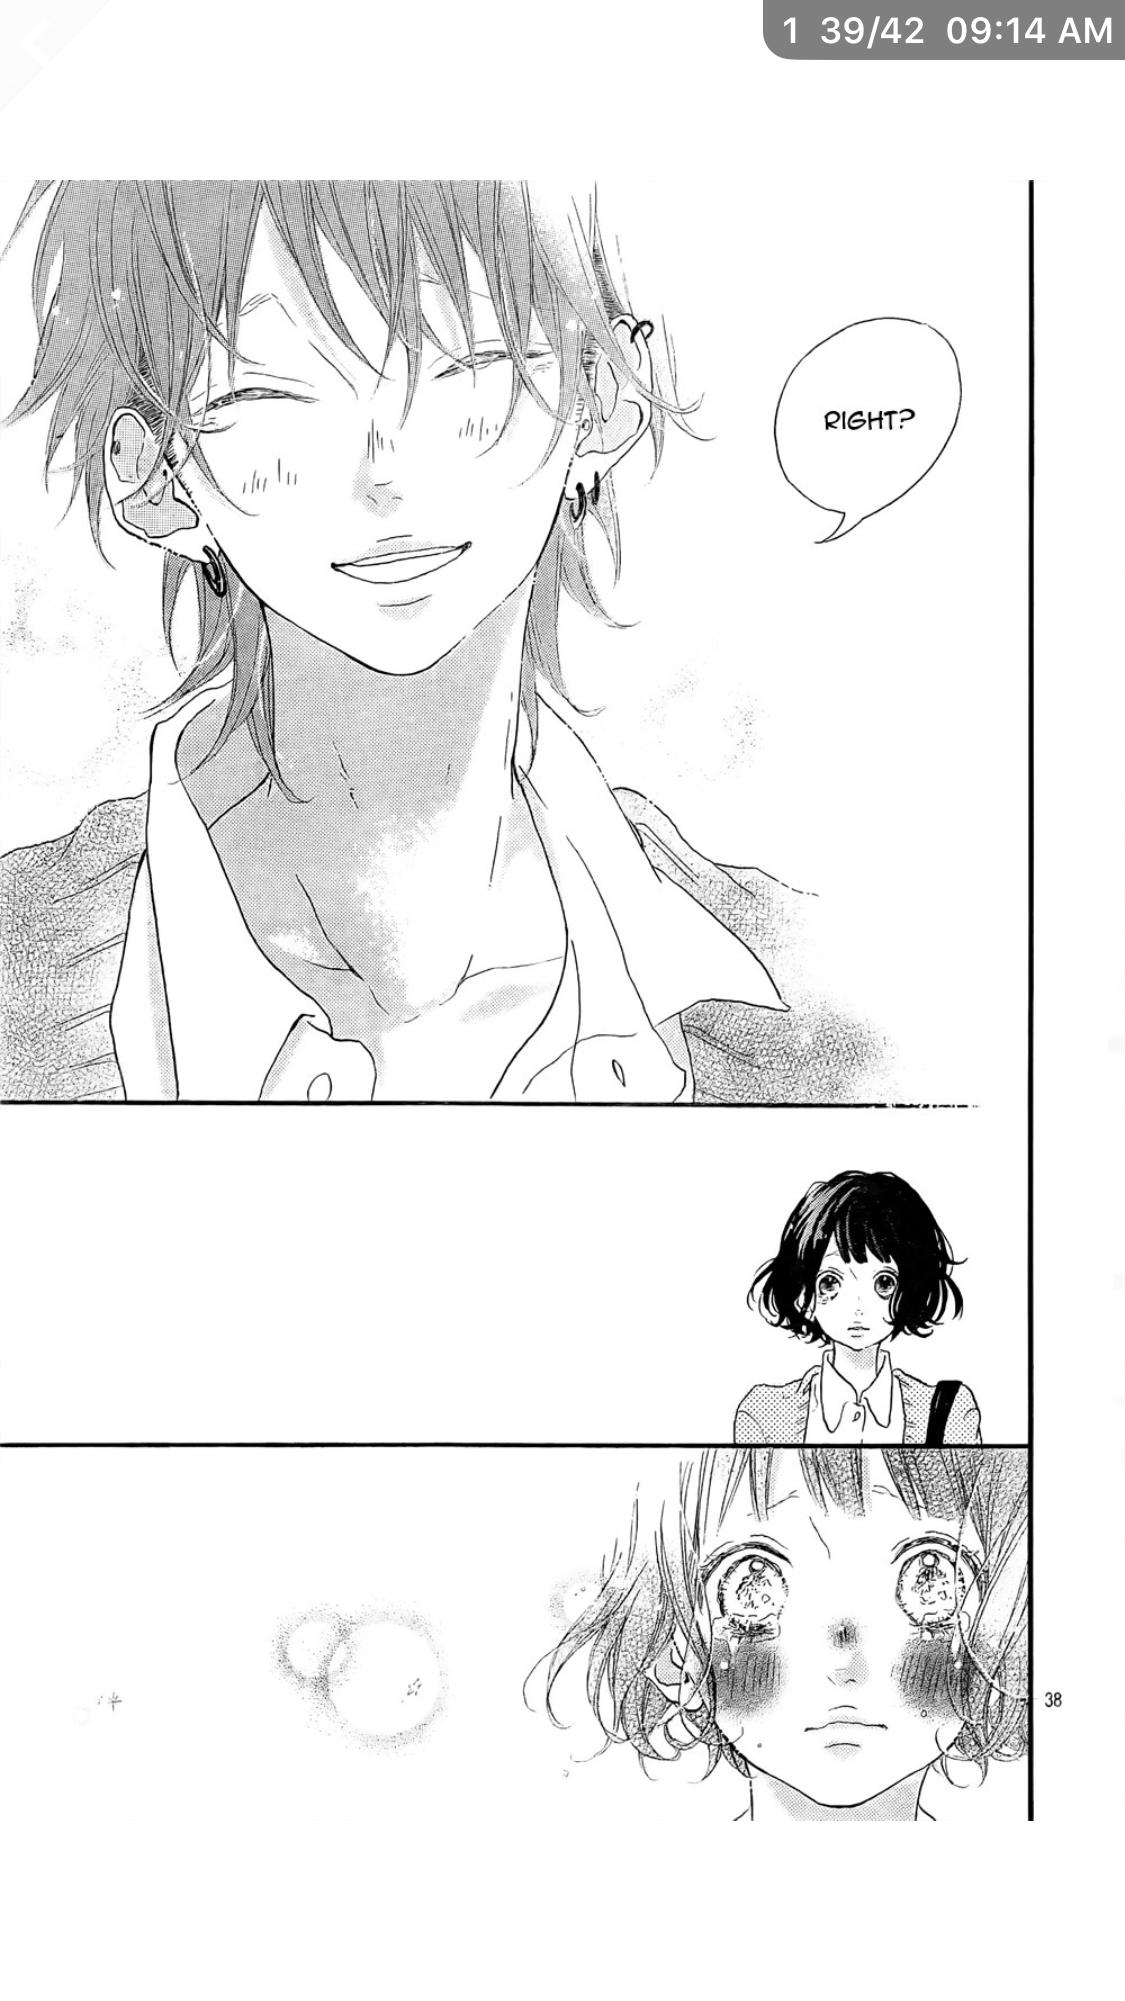 Pin by juicyfruitjin on Manga Manga romance, Baca manga